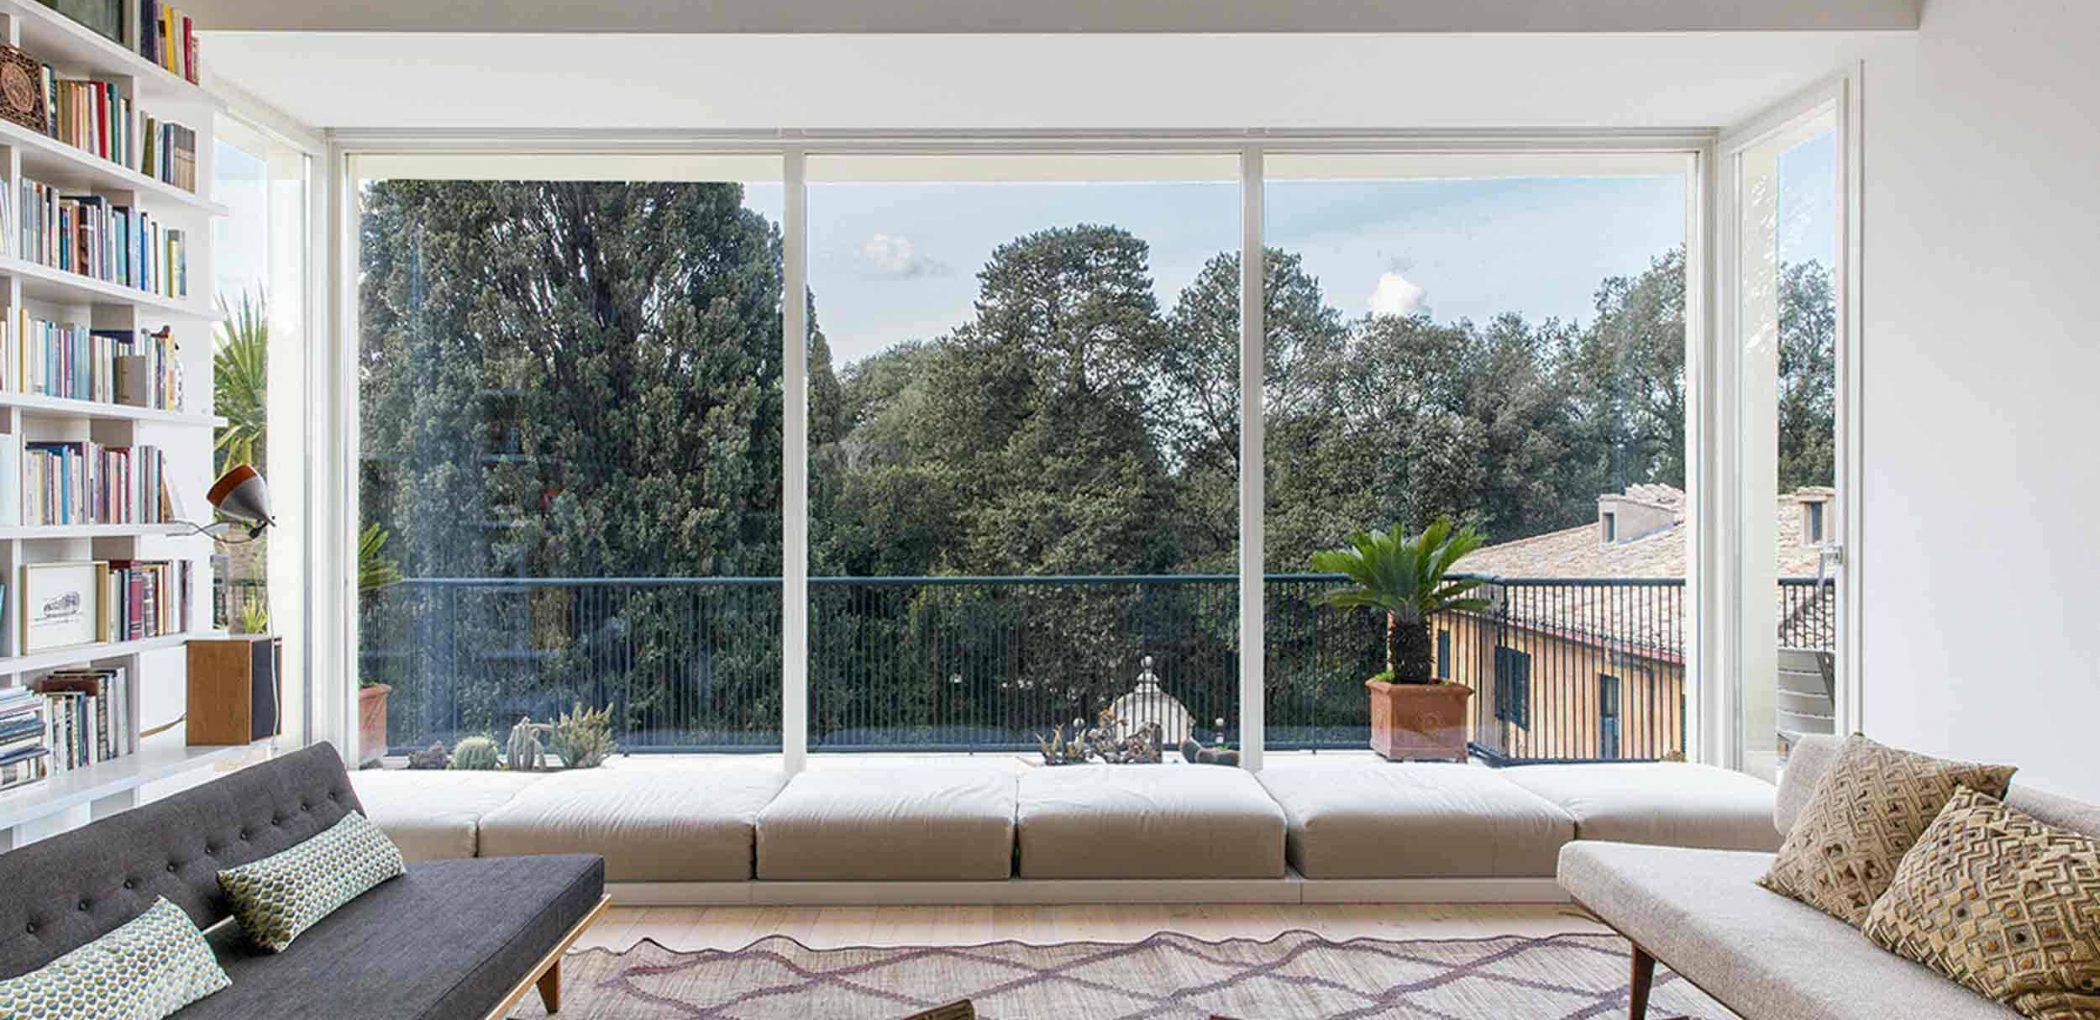 Immagine di copertina di Villa Roma con vetrate fisse in legno laccato bianco